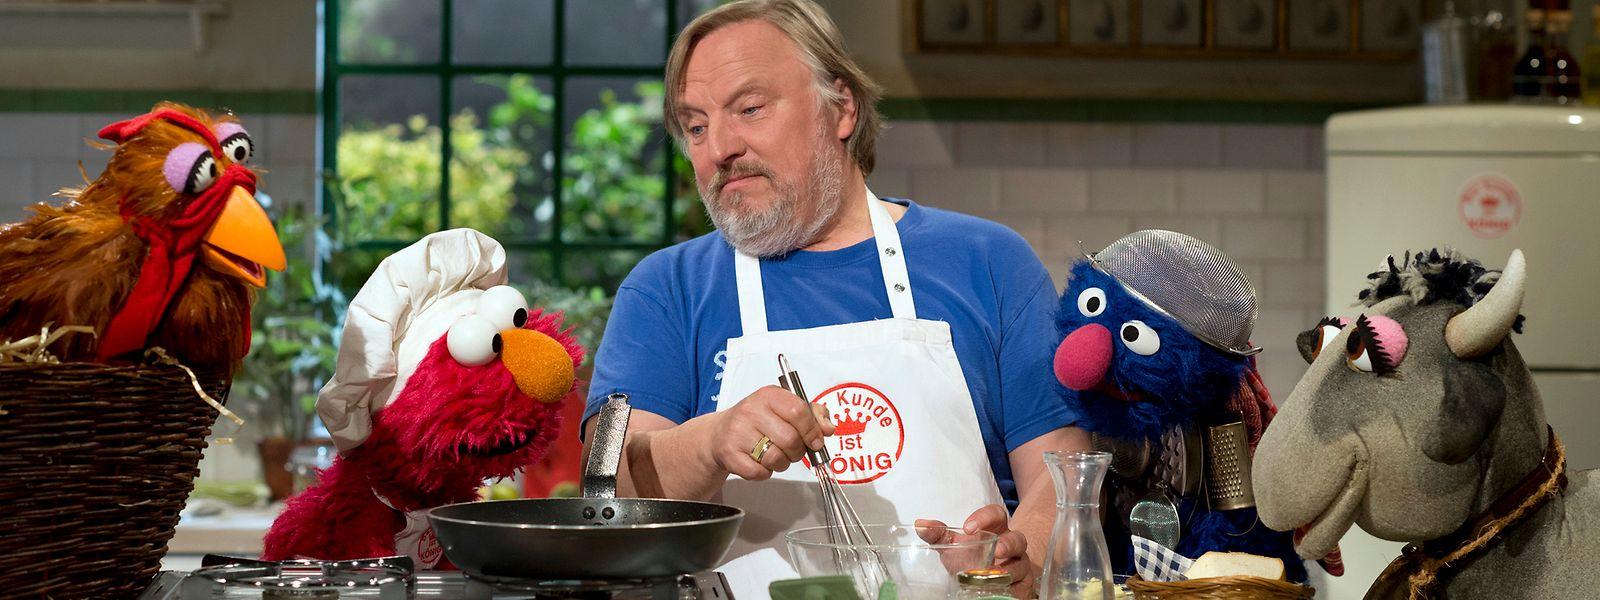 In der Küche mit einem Stargast: Elmo (2.v.l.), Grobi (2.v.r.) und ihre Freunde backen mit Schauspieler Axel Prahl.